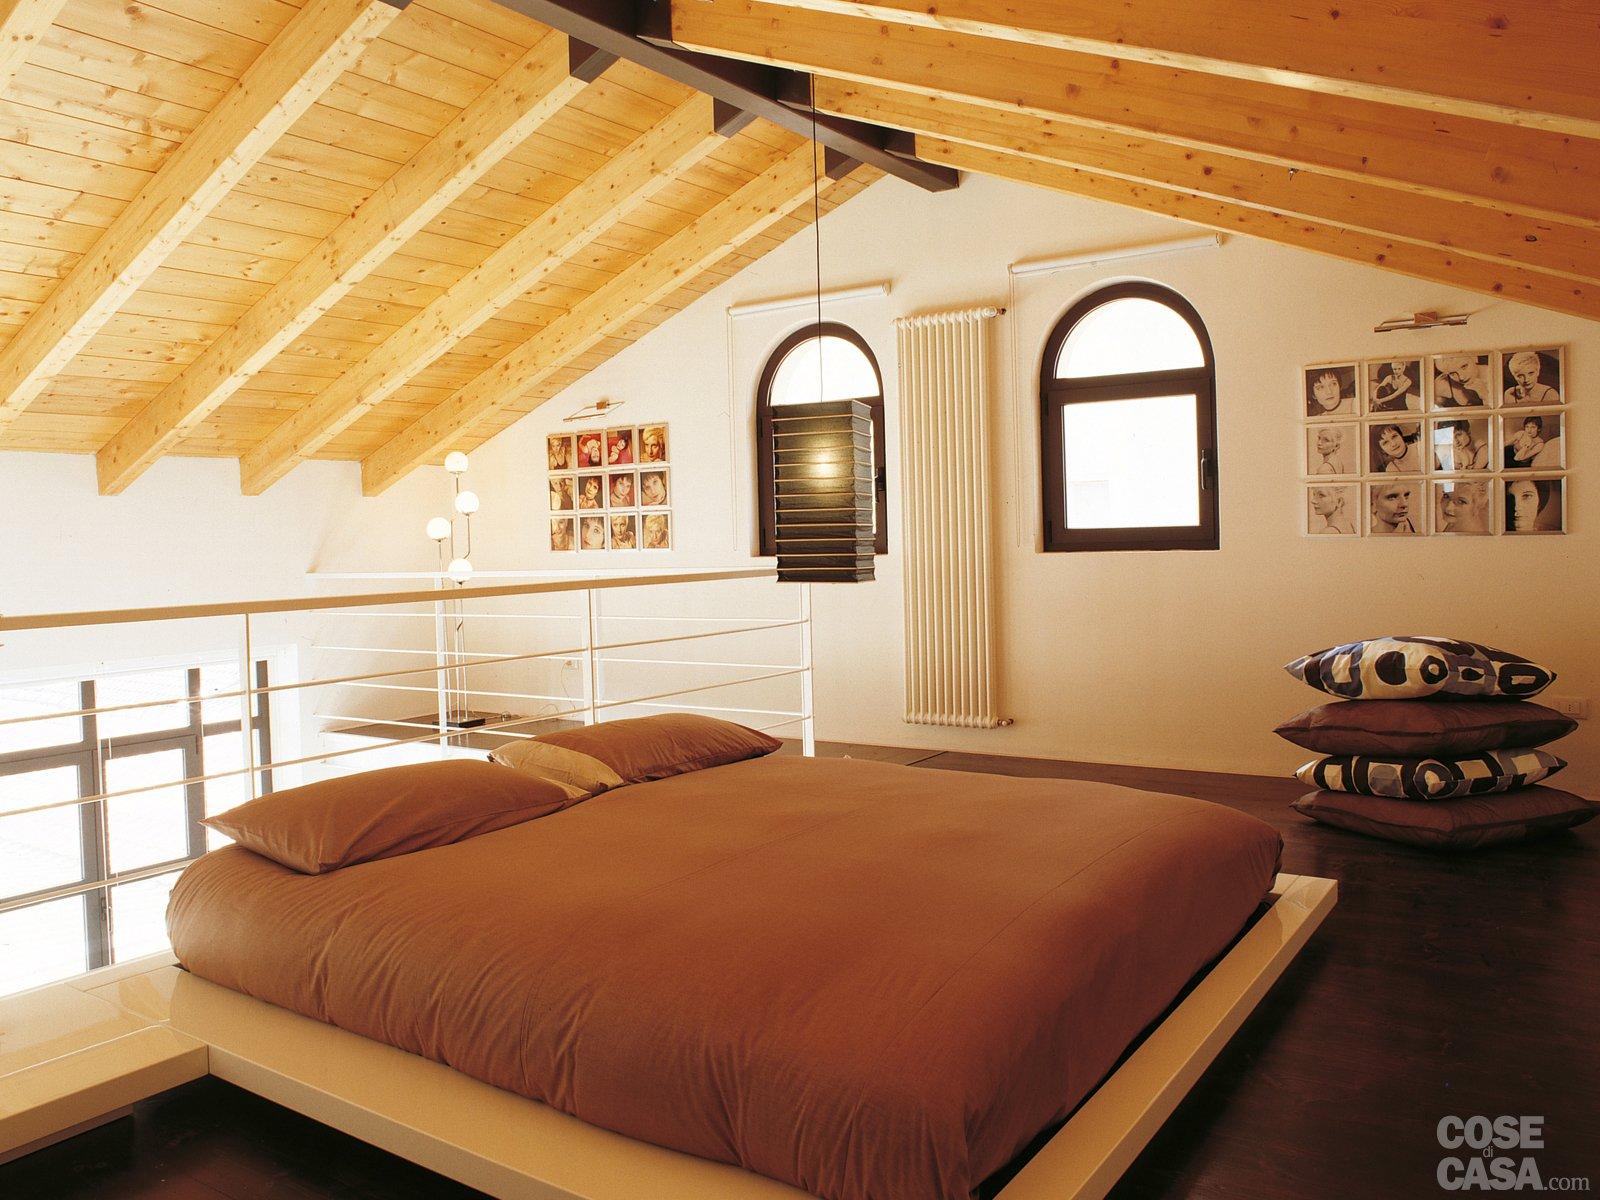 Una casa a doppia altezza con soppalco di 70 mq cose di casa for Piccole planimetrie della casa con soppalco